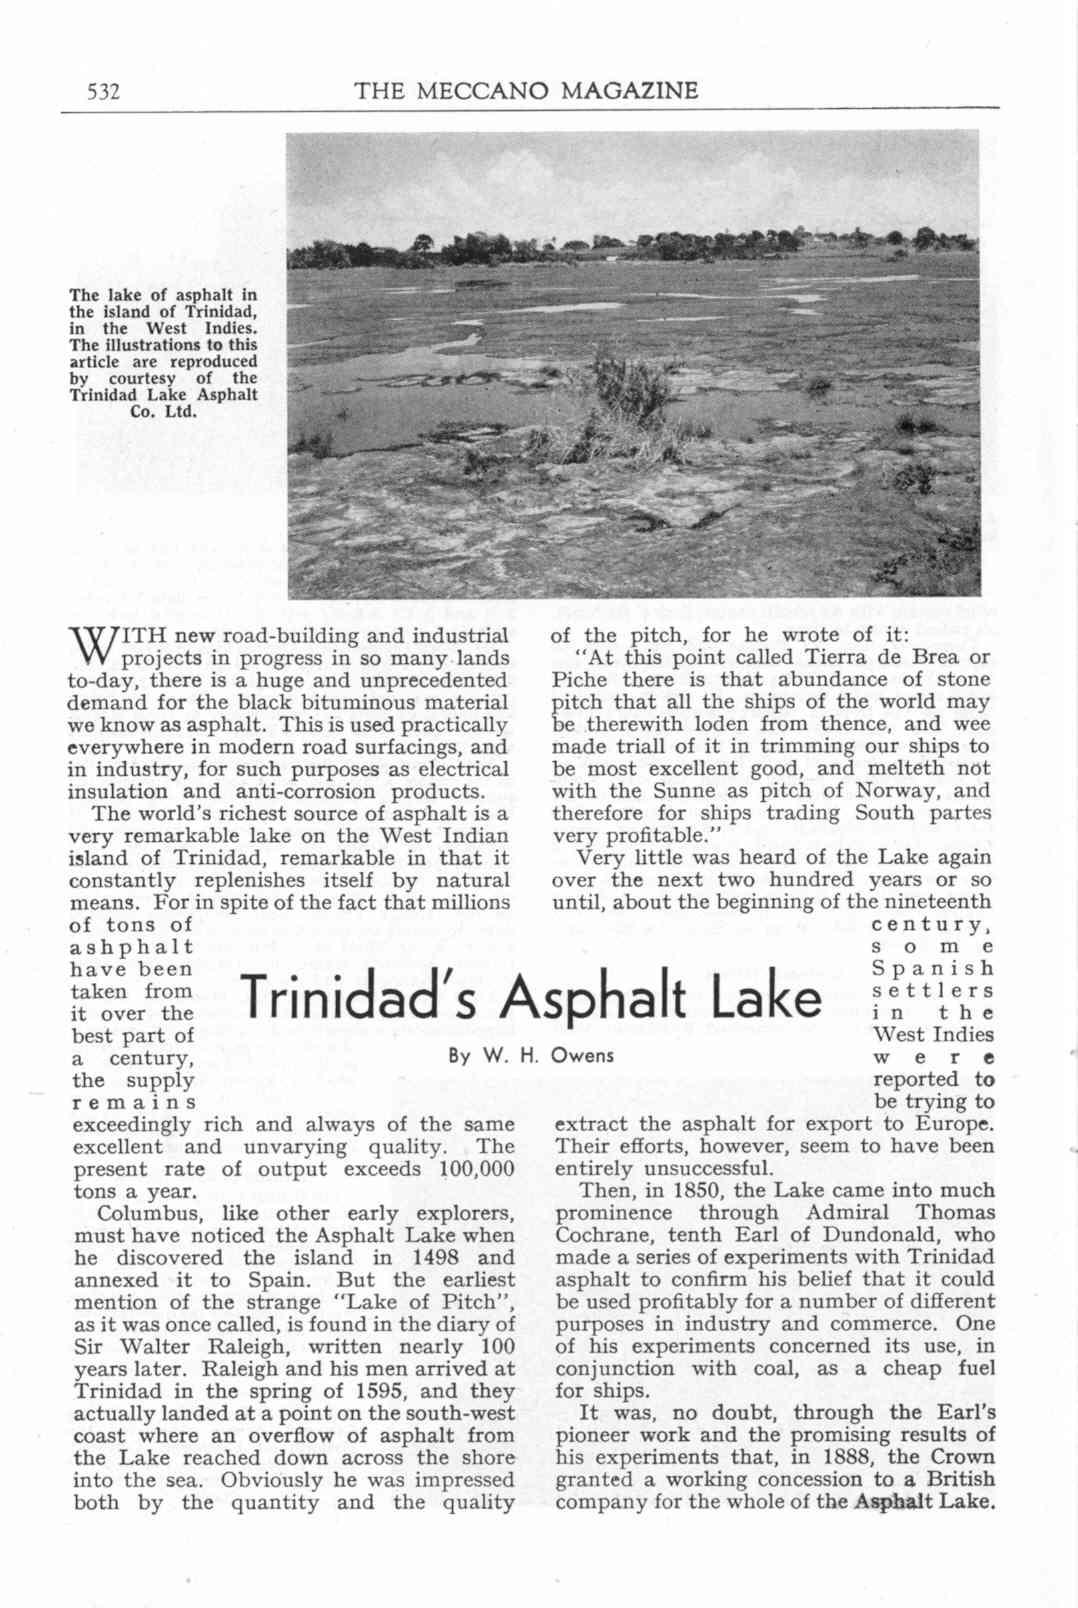 UK Meccano Magazine October 1955 Page 532